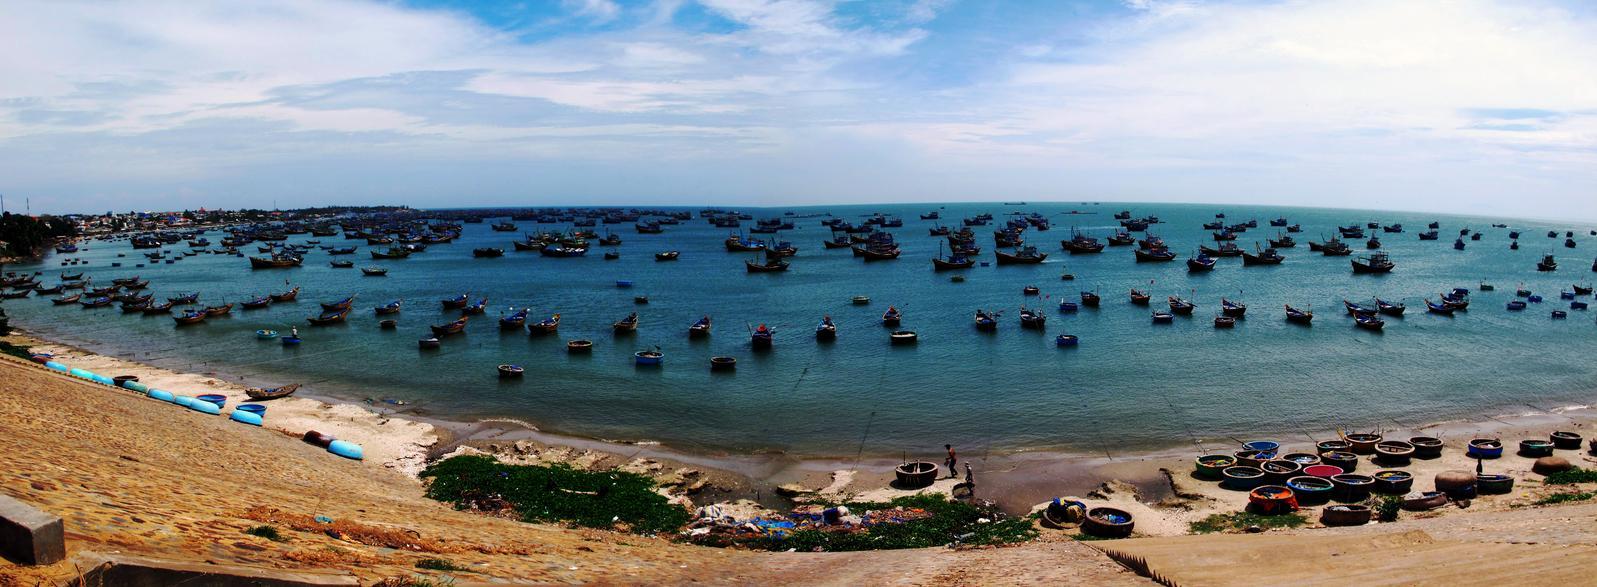 Вьетнам, Муй Нэ: фото и видео туристов